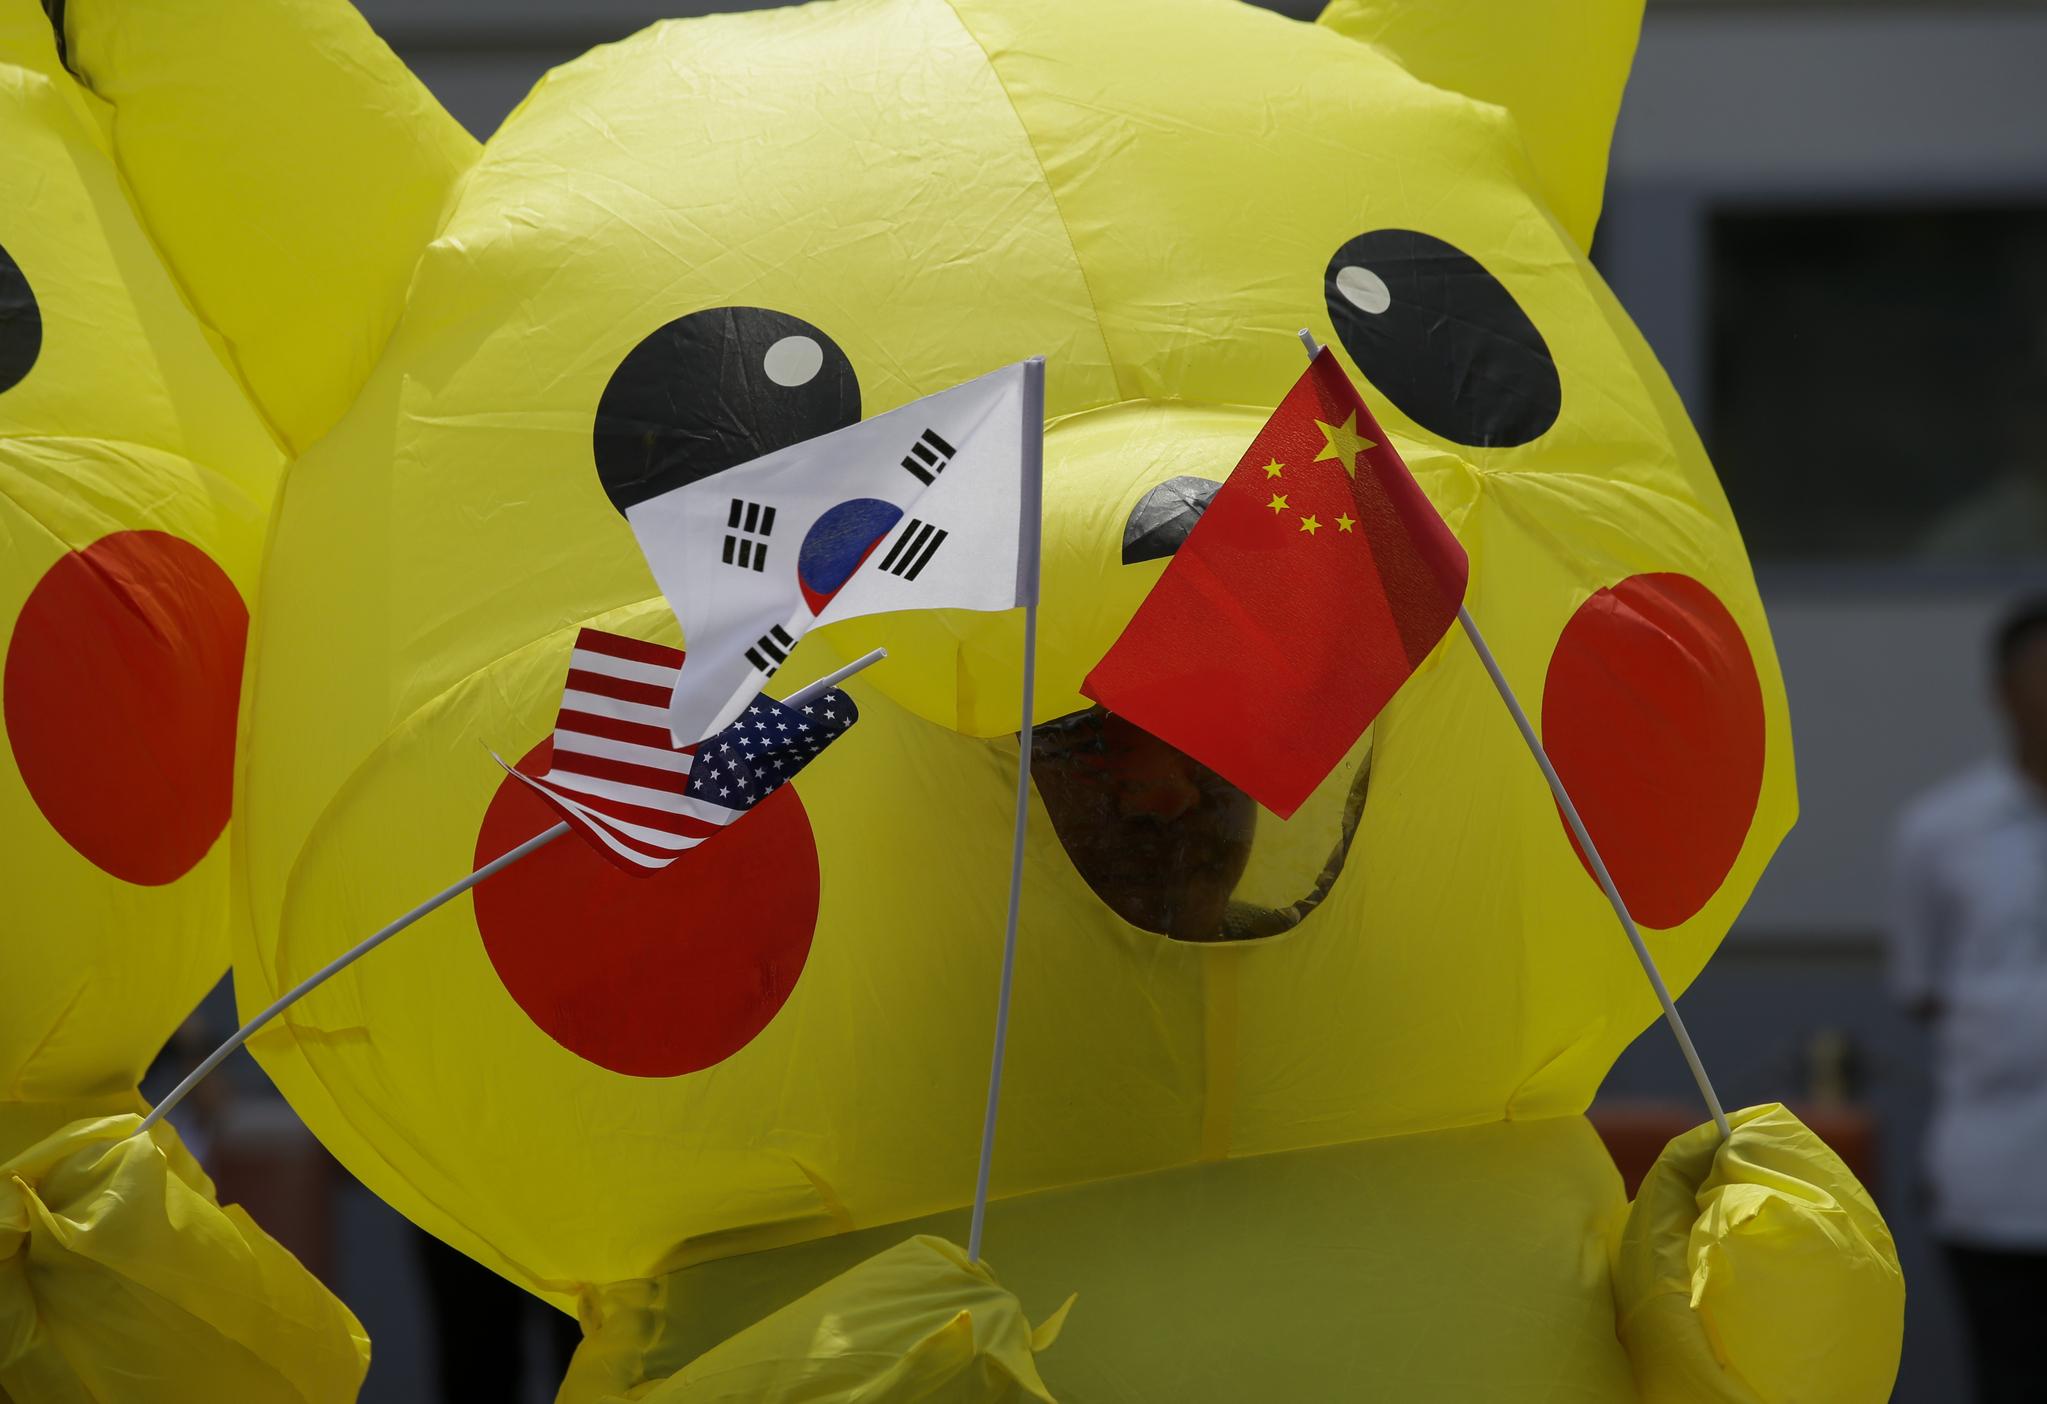 피카츄 복장을 한 환경운동가들이 25일(현지시간) 필리핀 수도 마닐라 일본 대사관 앞에서 태극기, 오성홍기 성조기 등 G20 참가국 국기를 들고 시위하고 있다. 시위대는 G20 정상회담을 준비하는 일본이 석탄화력발전 사업에 대한 자금지원을 중단할 것을 촉구하고 있다. [AP=연합뉴스]